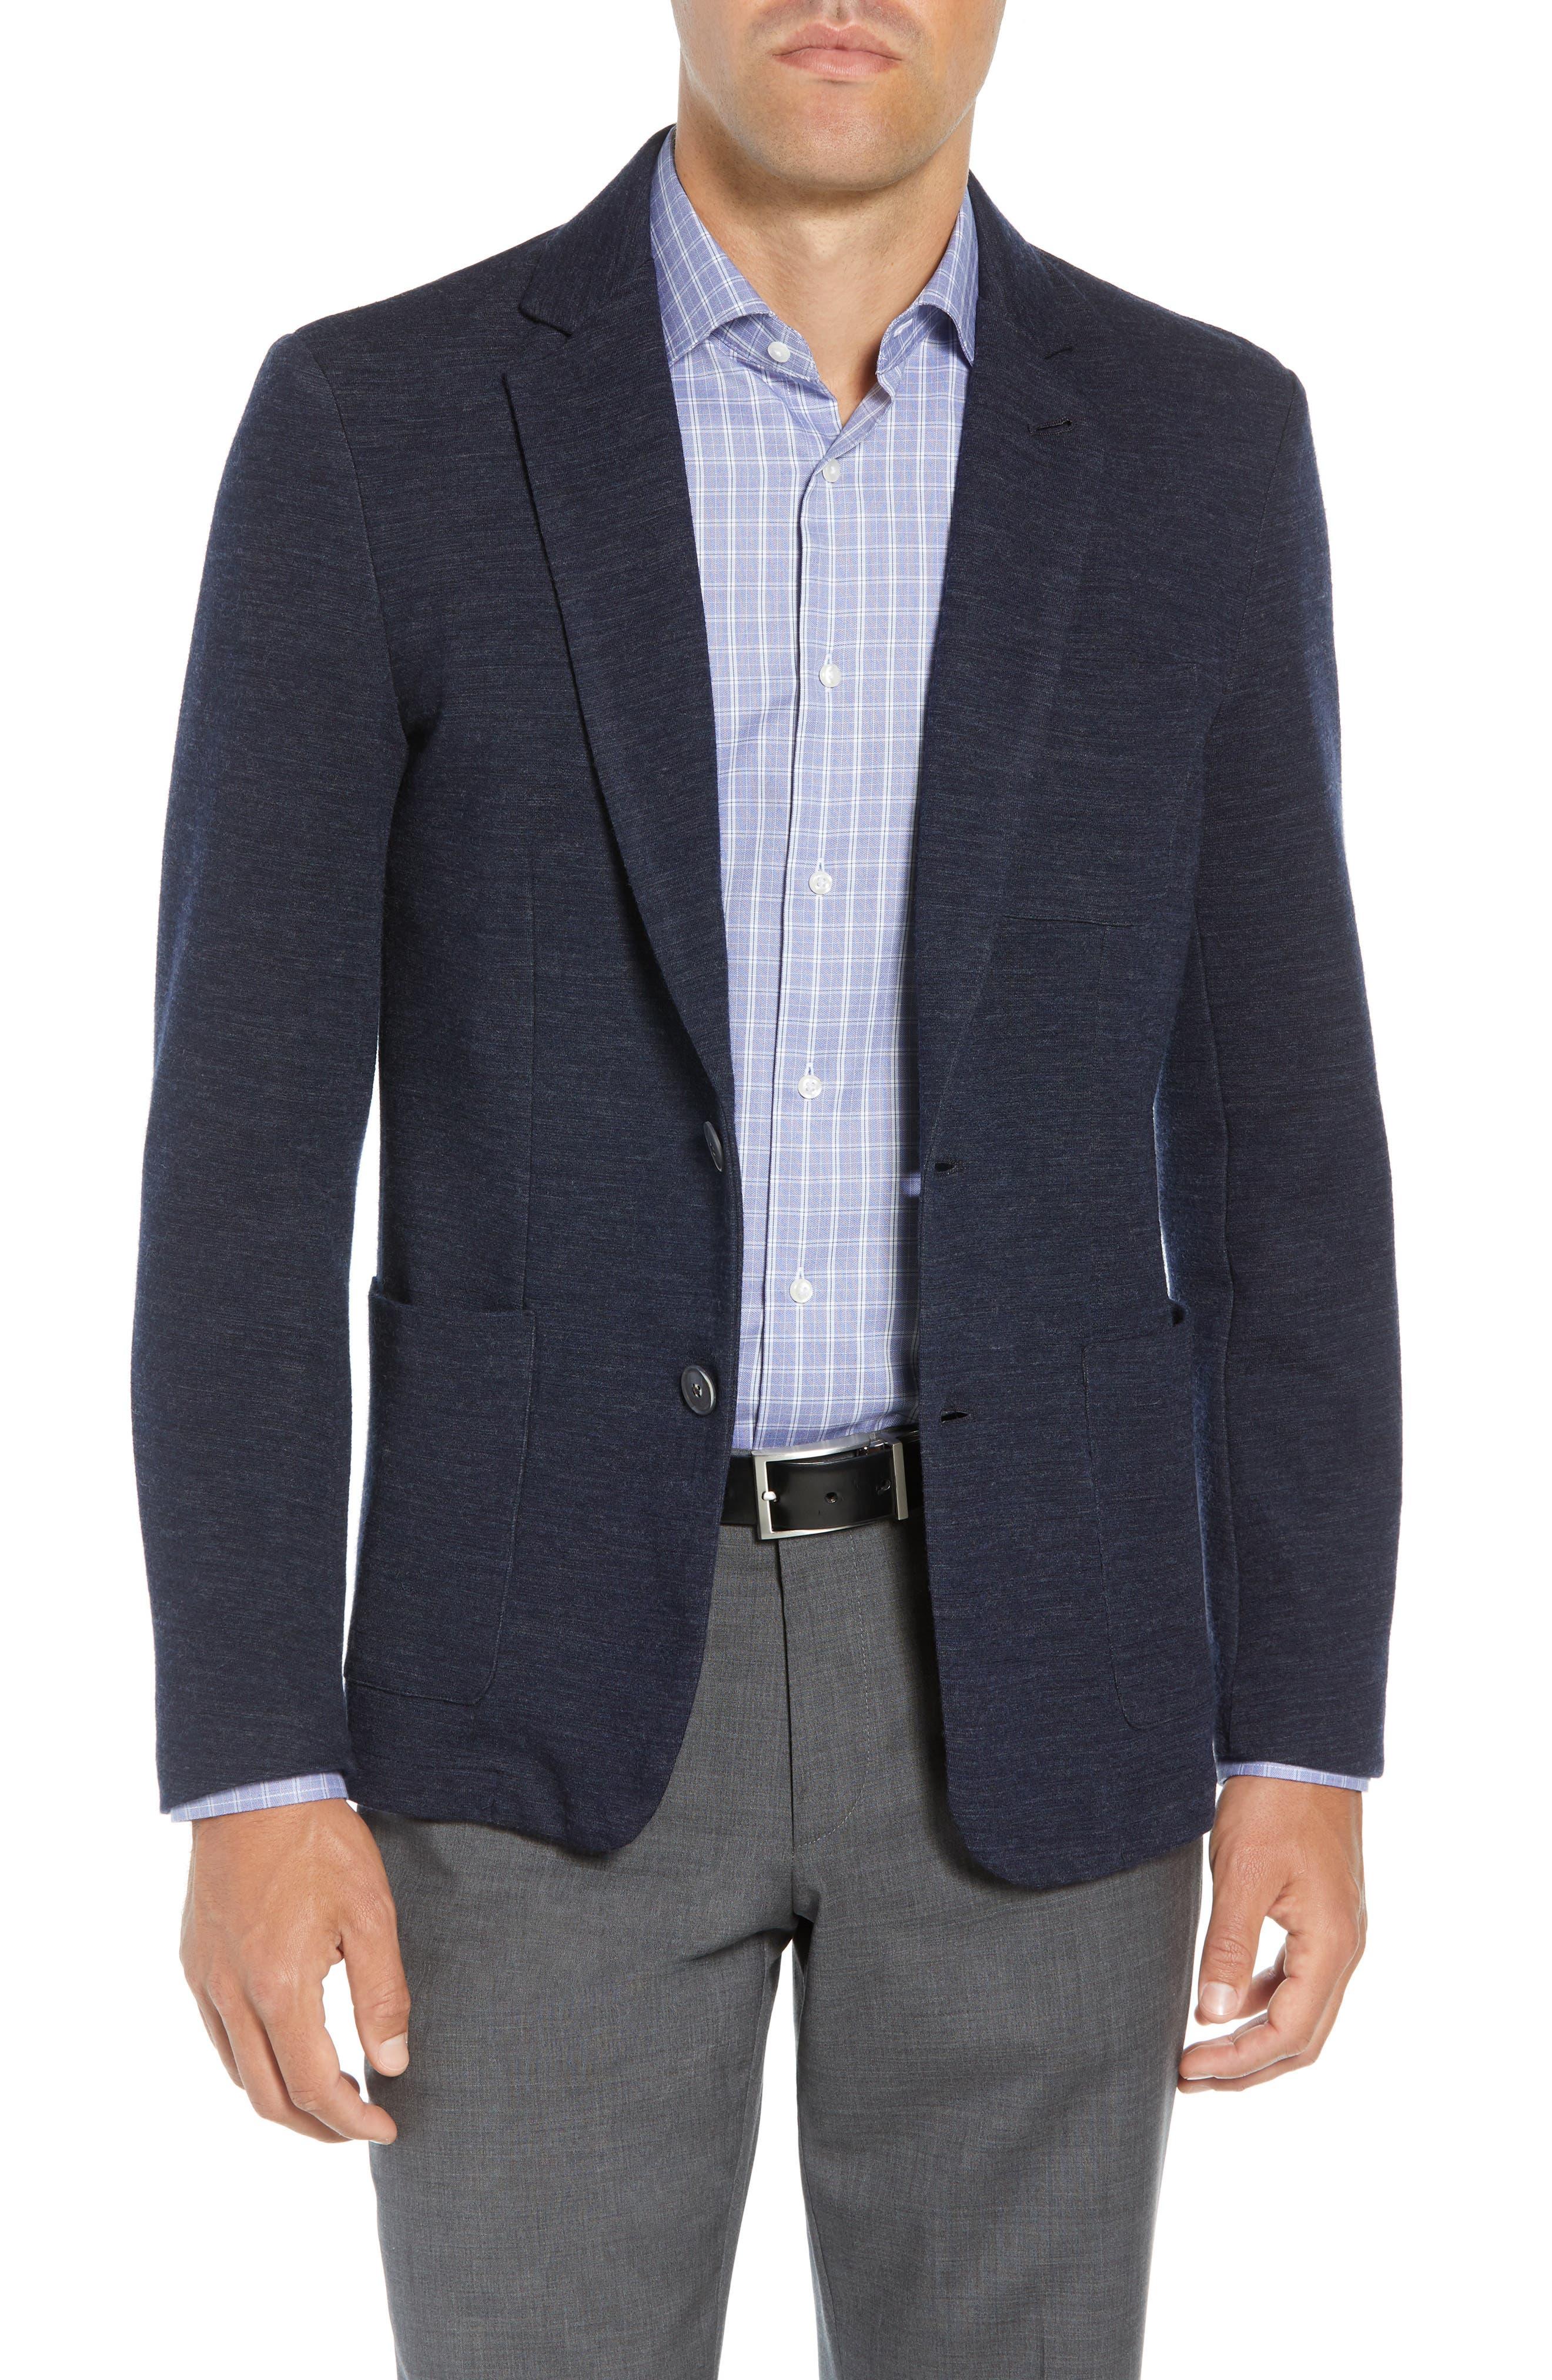 Granite Regular Fit Knit Sport Coat,                             Main thumbnail 1, color,                             410